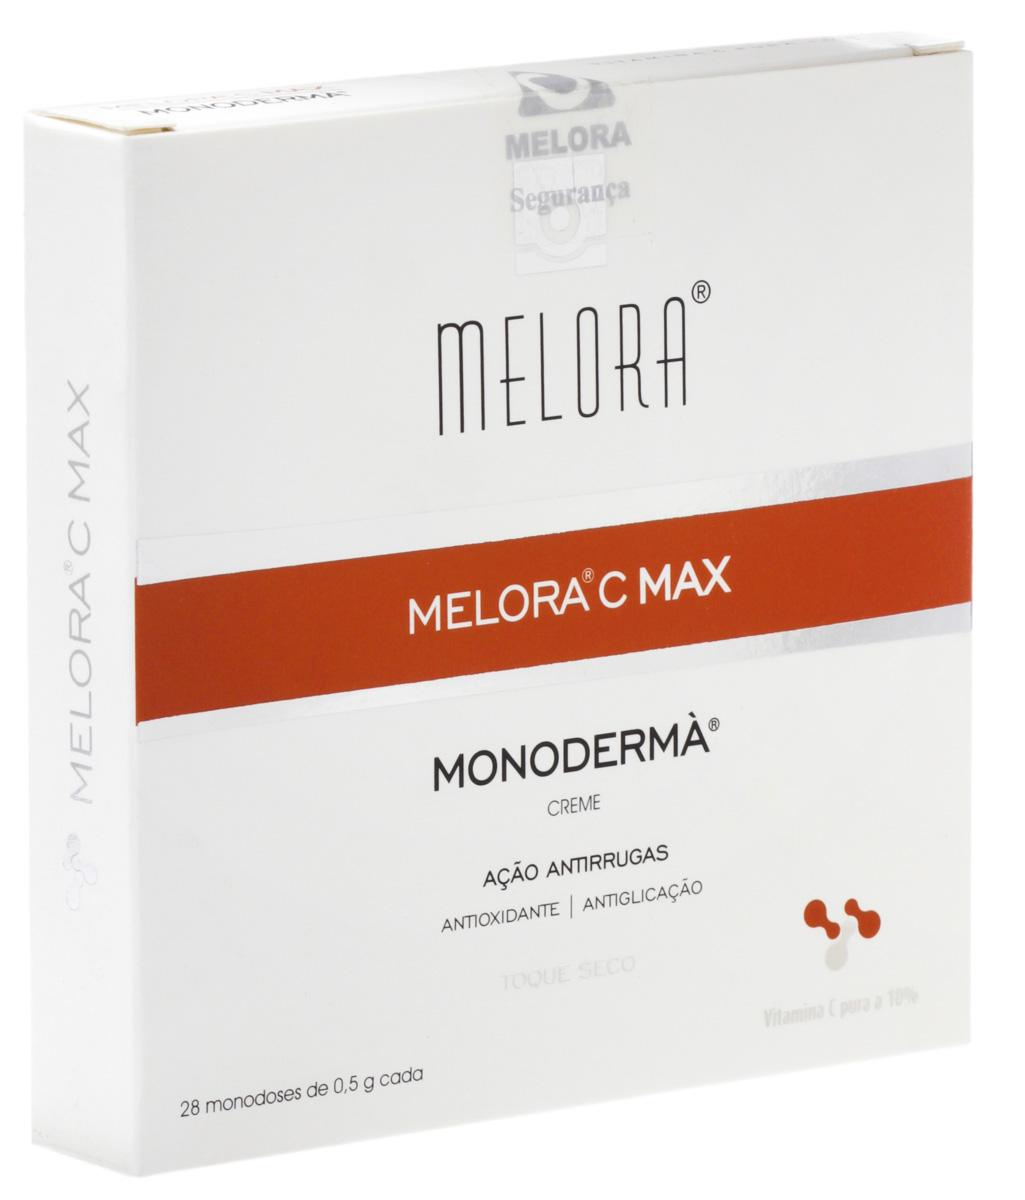 Creme Antirrugas Melora C Max Monoderma cápsulas para aplicação no rosto com 28 unidades 1 Caixa com 28 Unidades